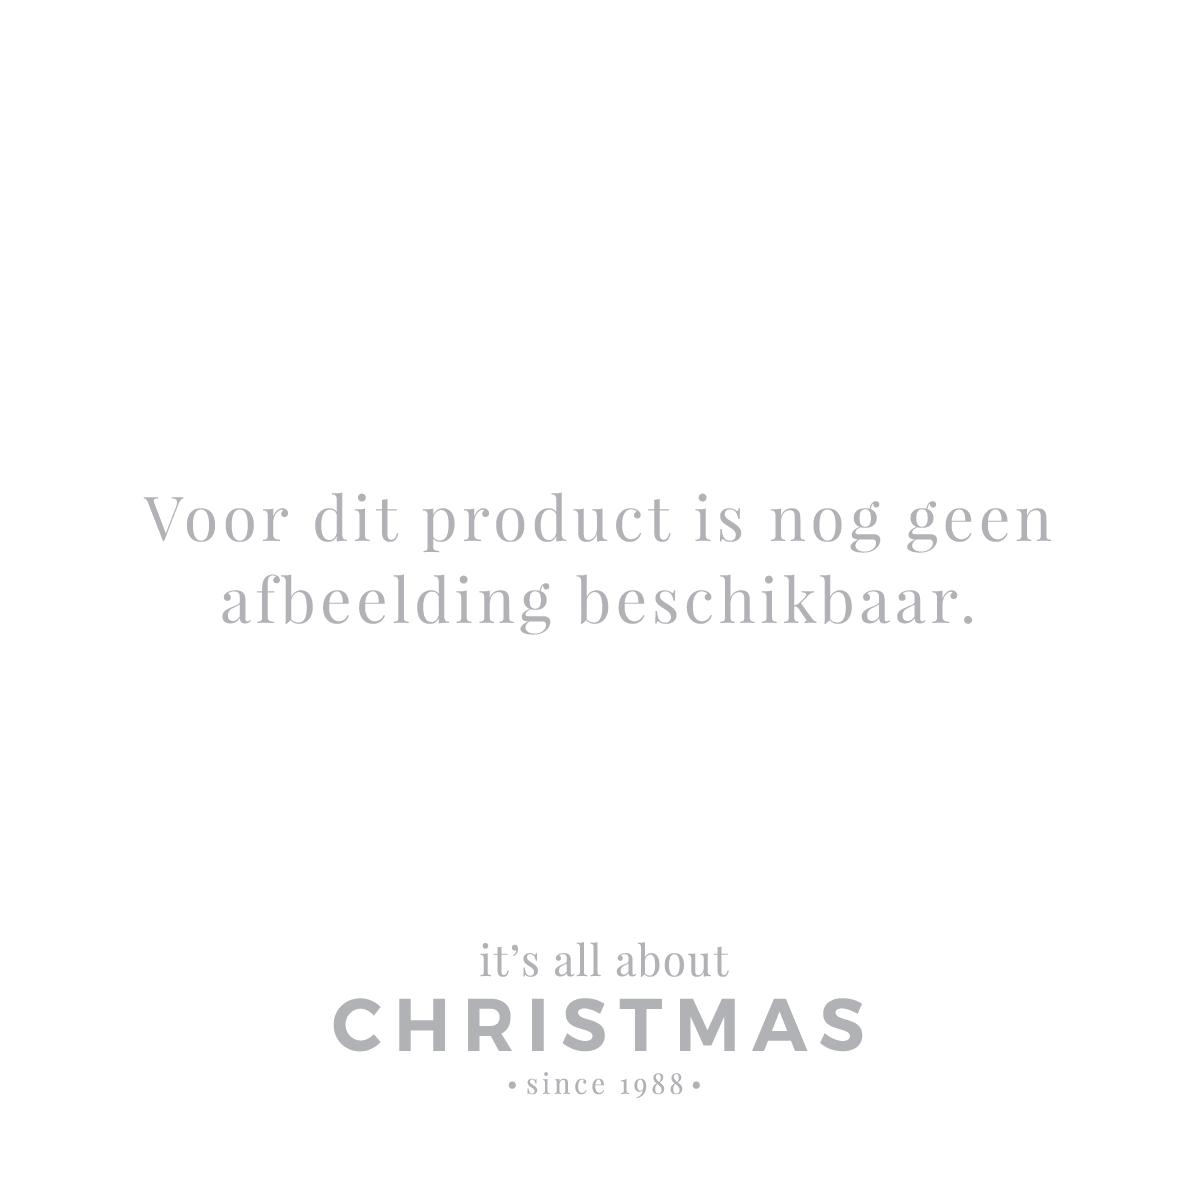 Guirlande met sneeuw 20 x 270cm